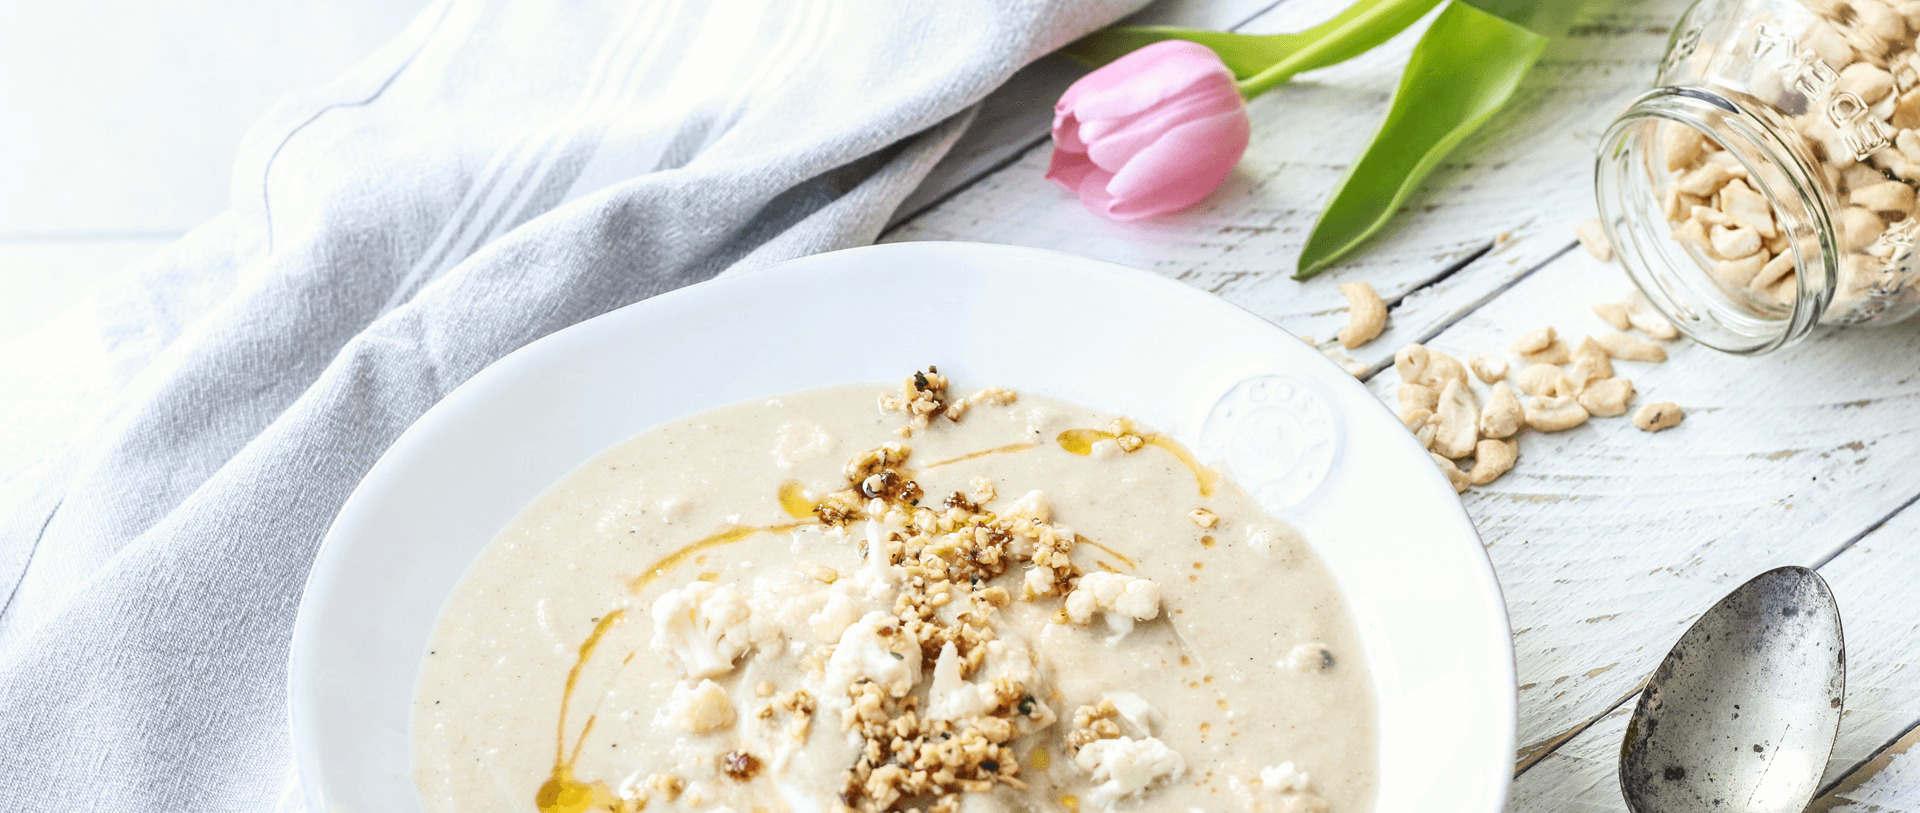 Blumenkohl-Cashew-Cremesuppe mit Apfel und Ingwer